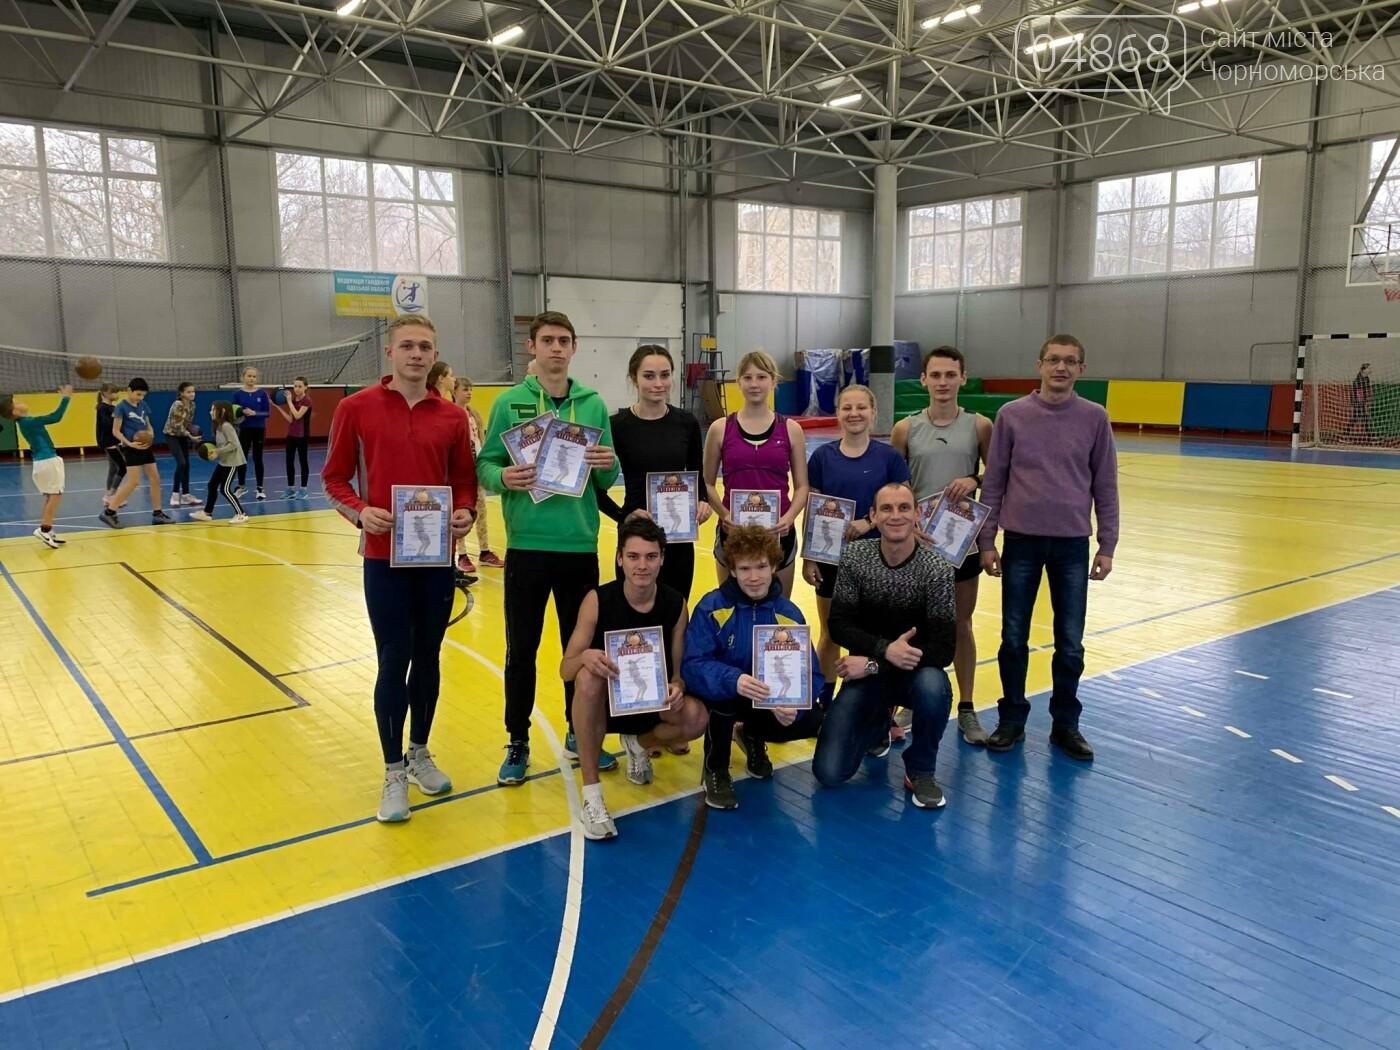 К победе: черноморские легкоатлеты завоевали путёвку на чемпионат Украины, фото-4